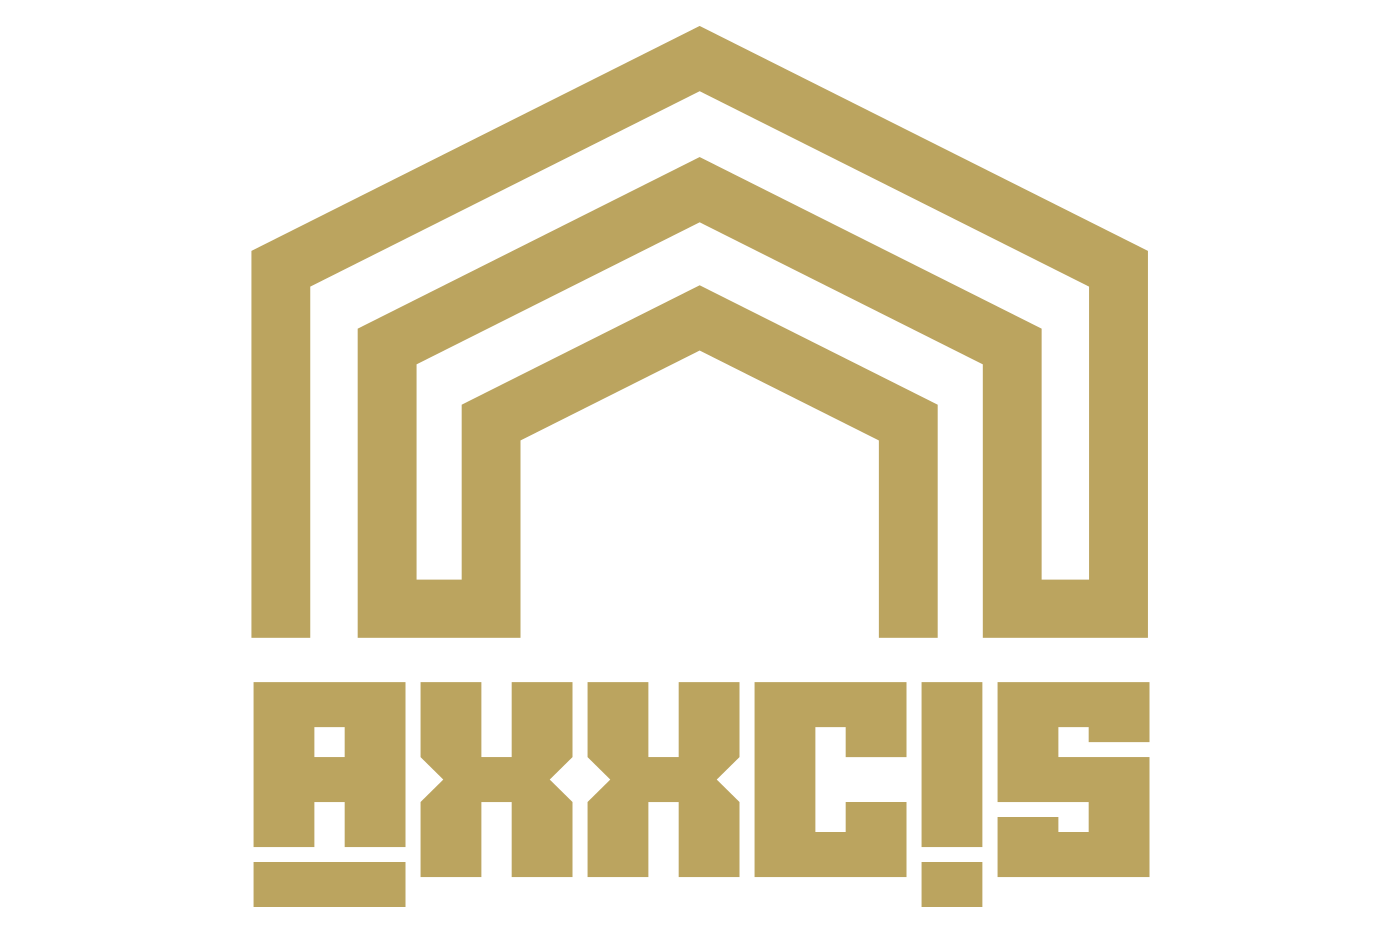 Axxcis